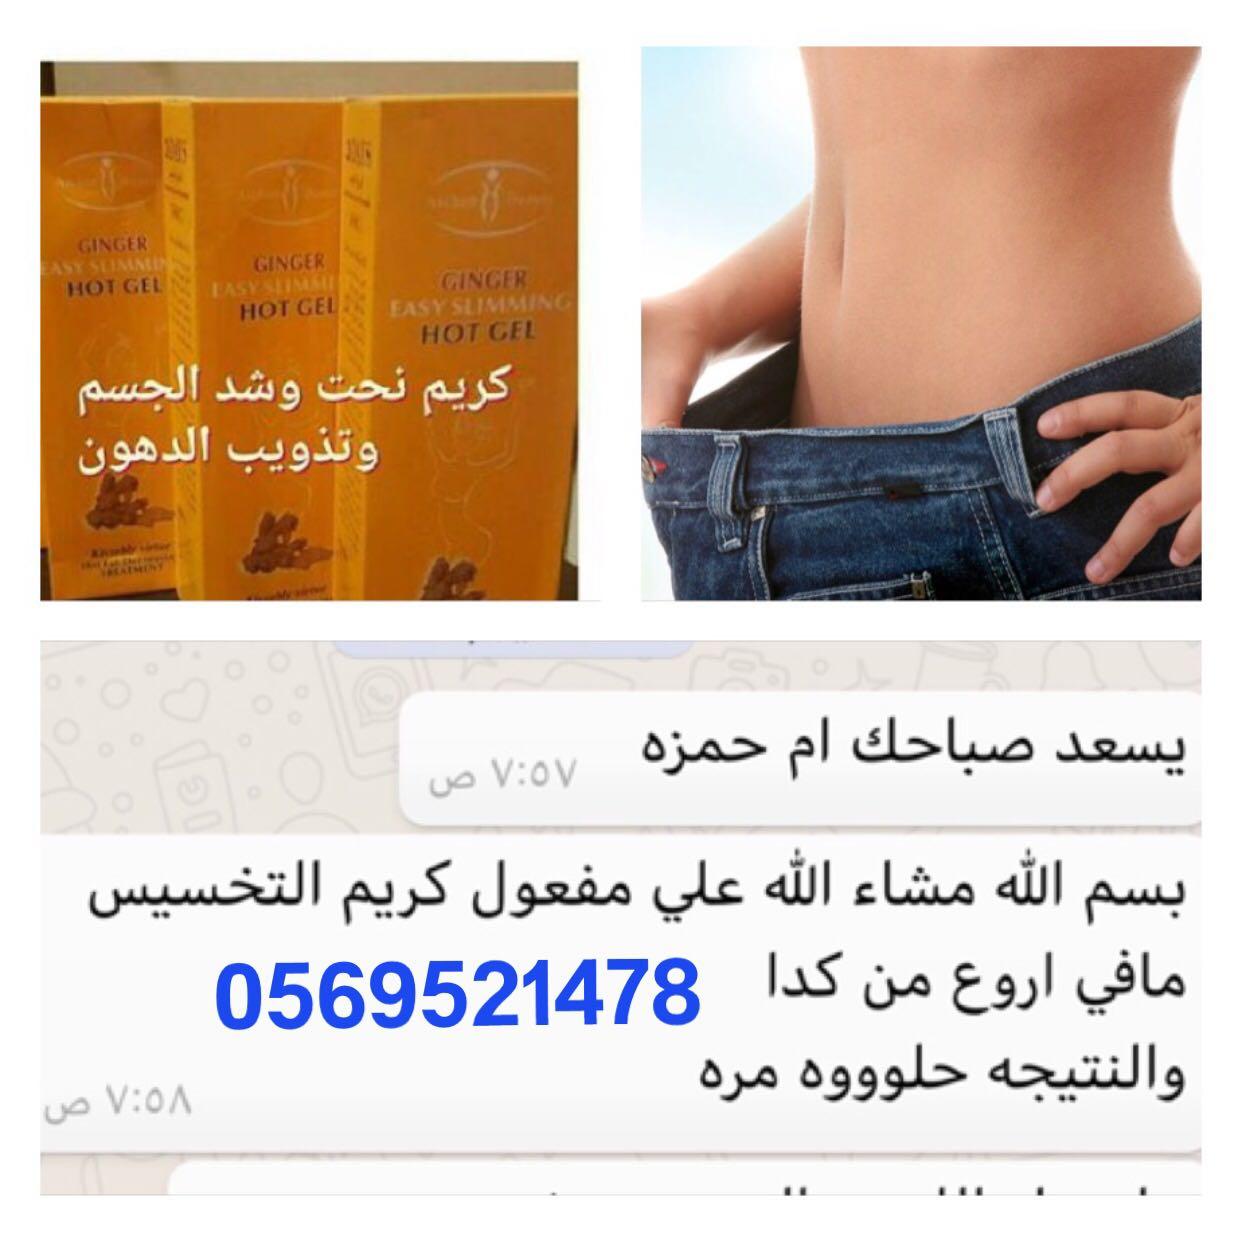 كريم تنحيف الدهون ونحت الجسم والترهلات a5f051a36af837f3756fb0d268c214e2.jpg